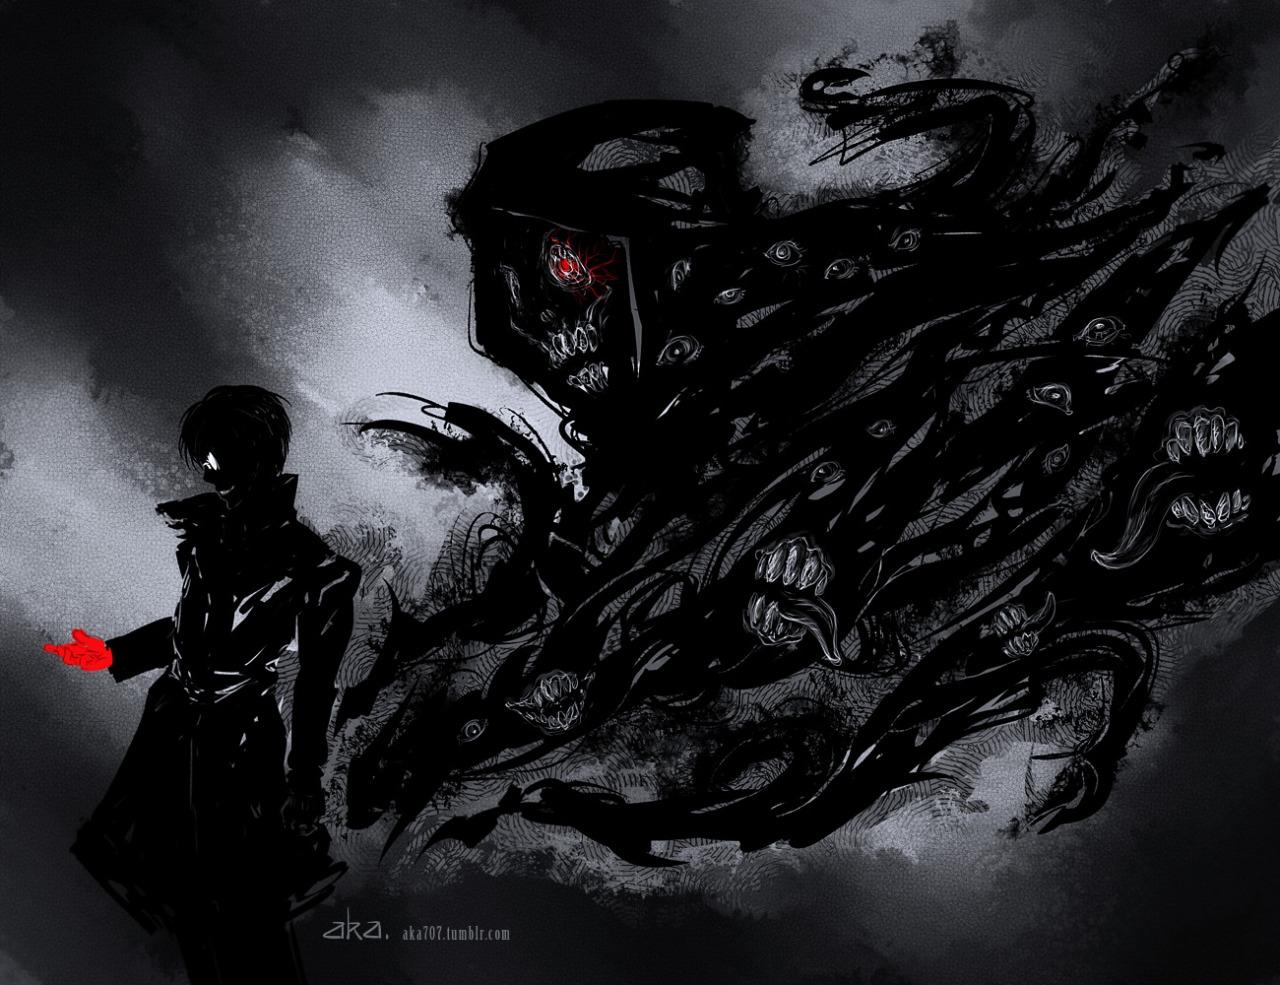 Tokyo Ghoul Black Reaper Wallpaper Tokyo Ghoul Re Black Reaper Kaneki 1280x985 Wallpaper Teahub Io